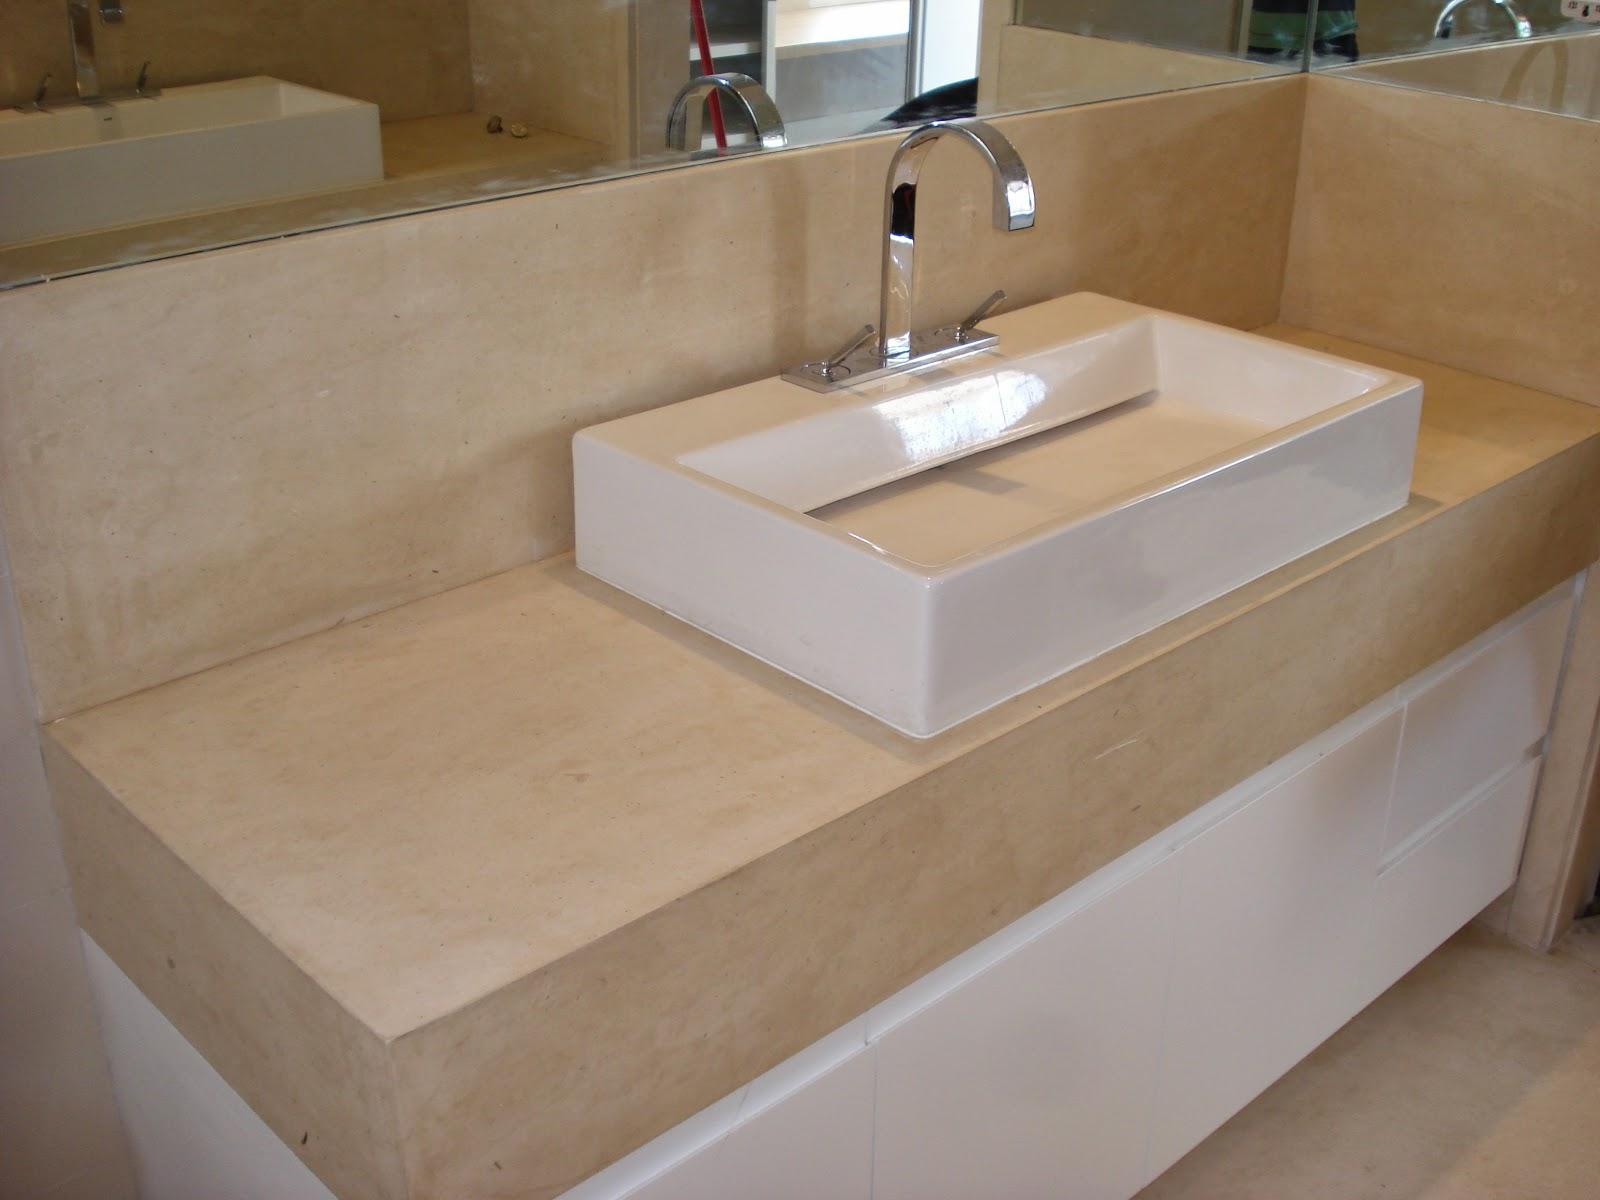 LAVATORIO DE MARMORE CREMA MARFIL IMPERMEABILIZADO COM HIDROFUGANTE  #5F492E 1600x1200 Bancada De Banheiro Em Marmore Carrara